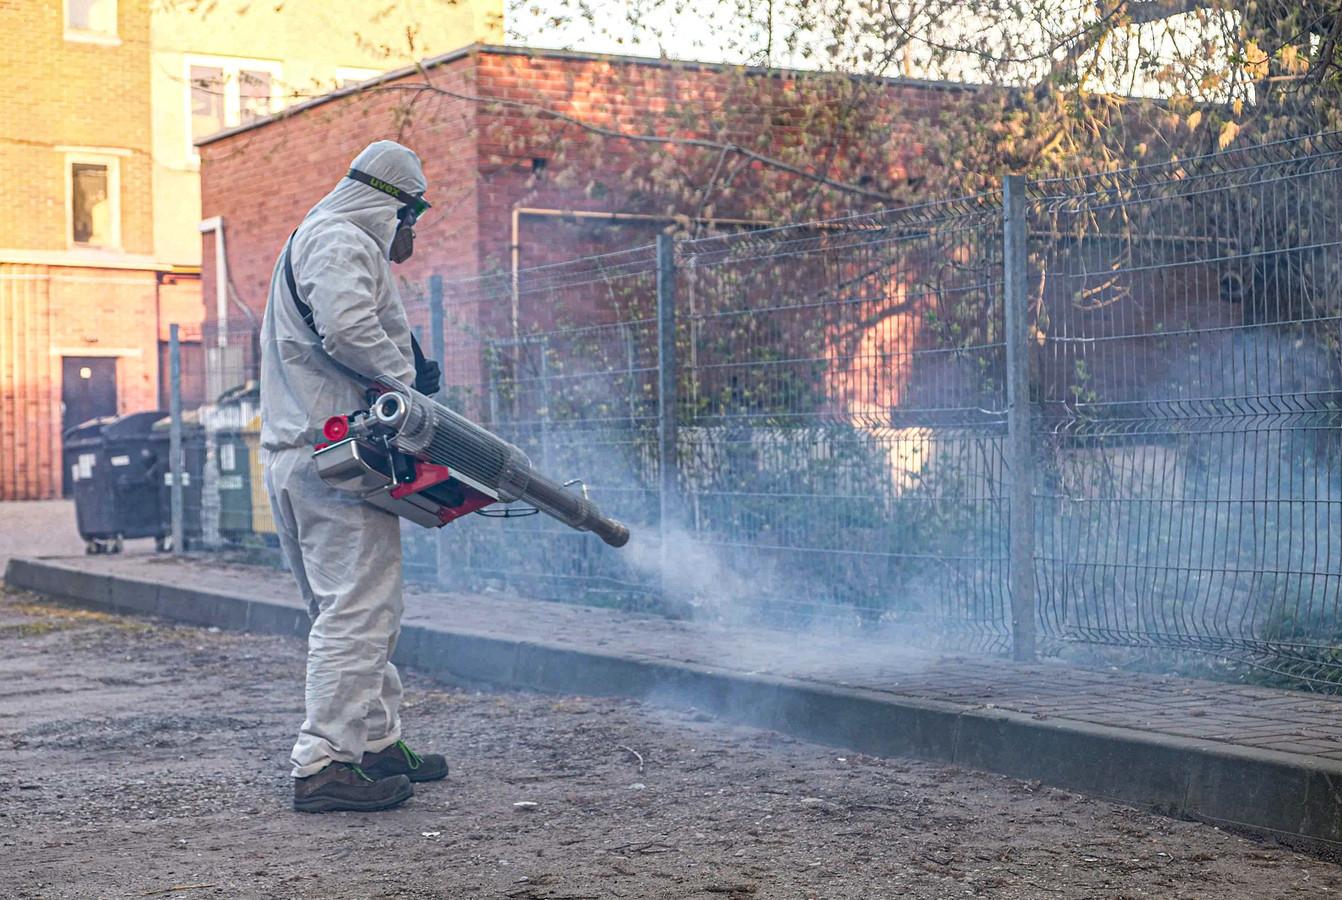 Veiksmingiausias ir greičiausias būdas dezinfekoti ? patalpas ir atviras erdves nuo mikroorganizmų, vabzdžių, grybelių ir kitų kenkėjų - yra karštas rūkas ? ??